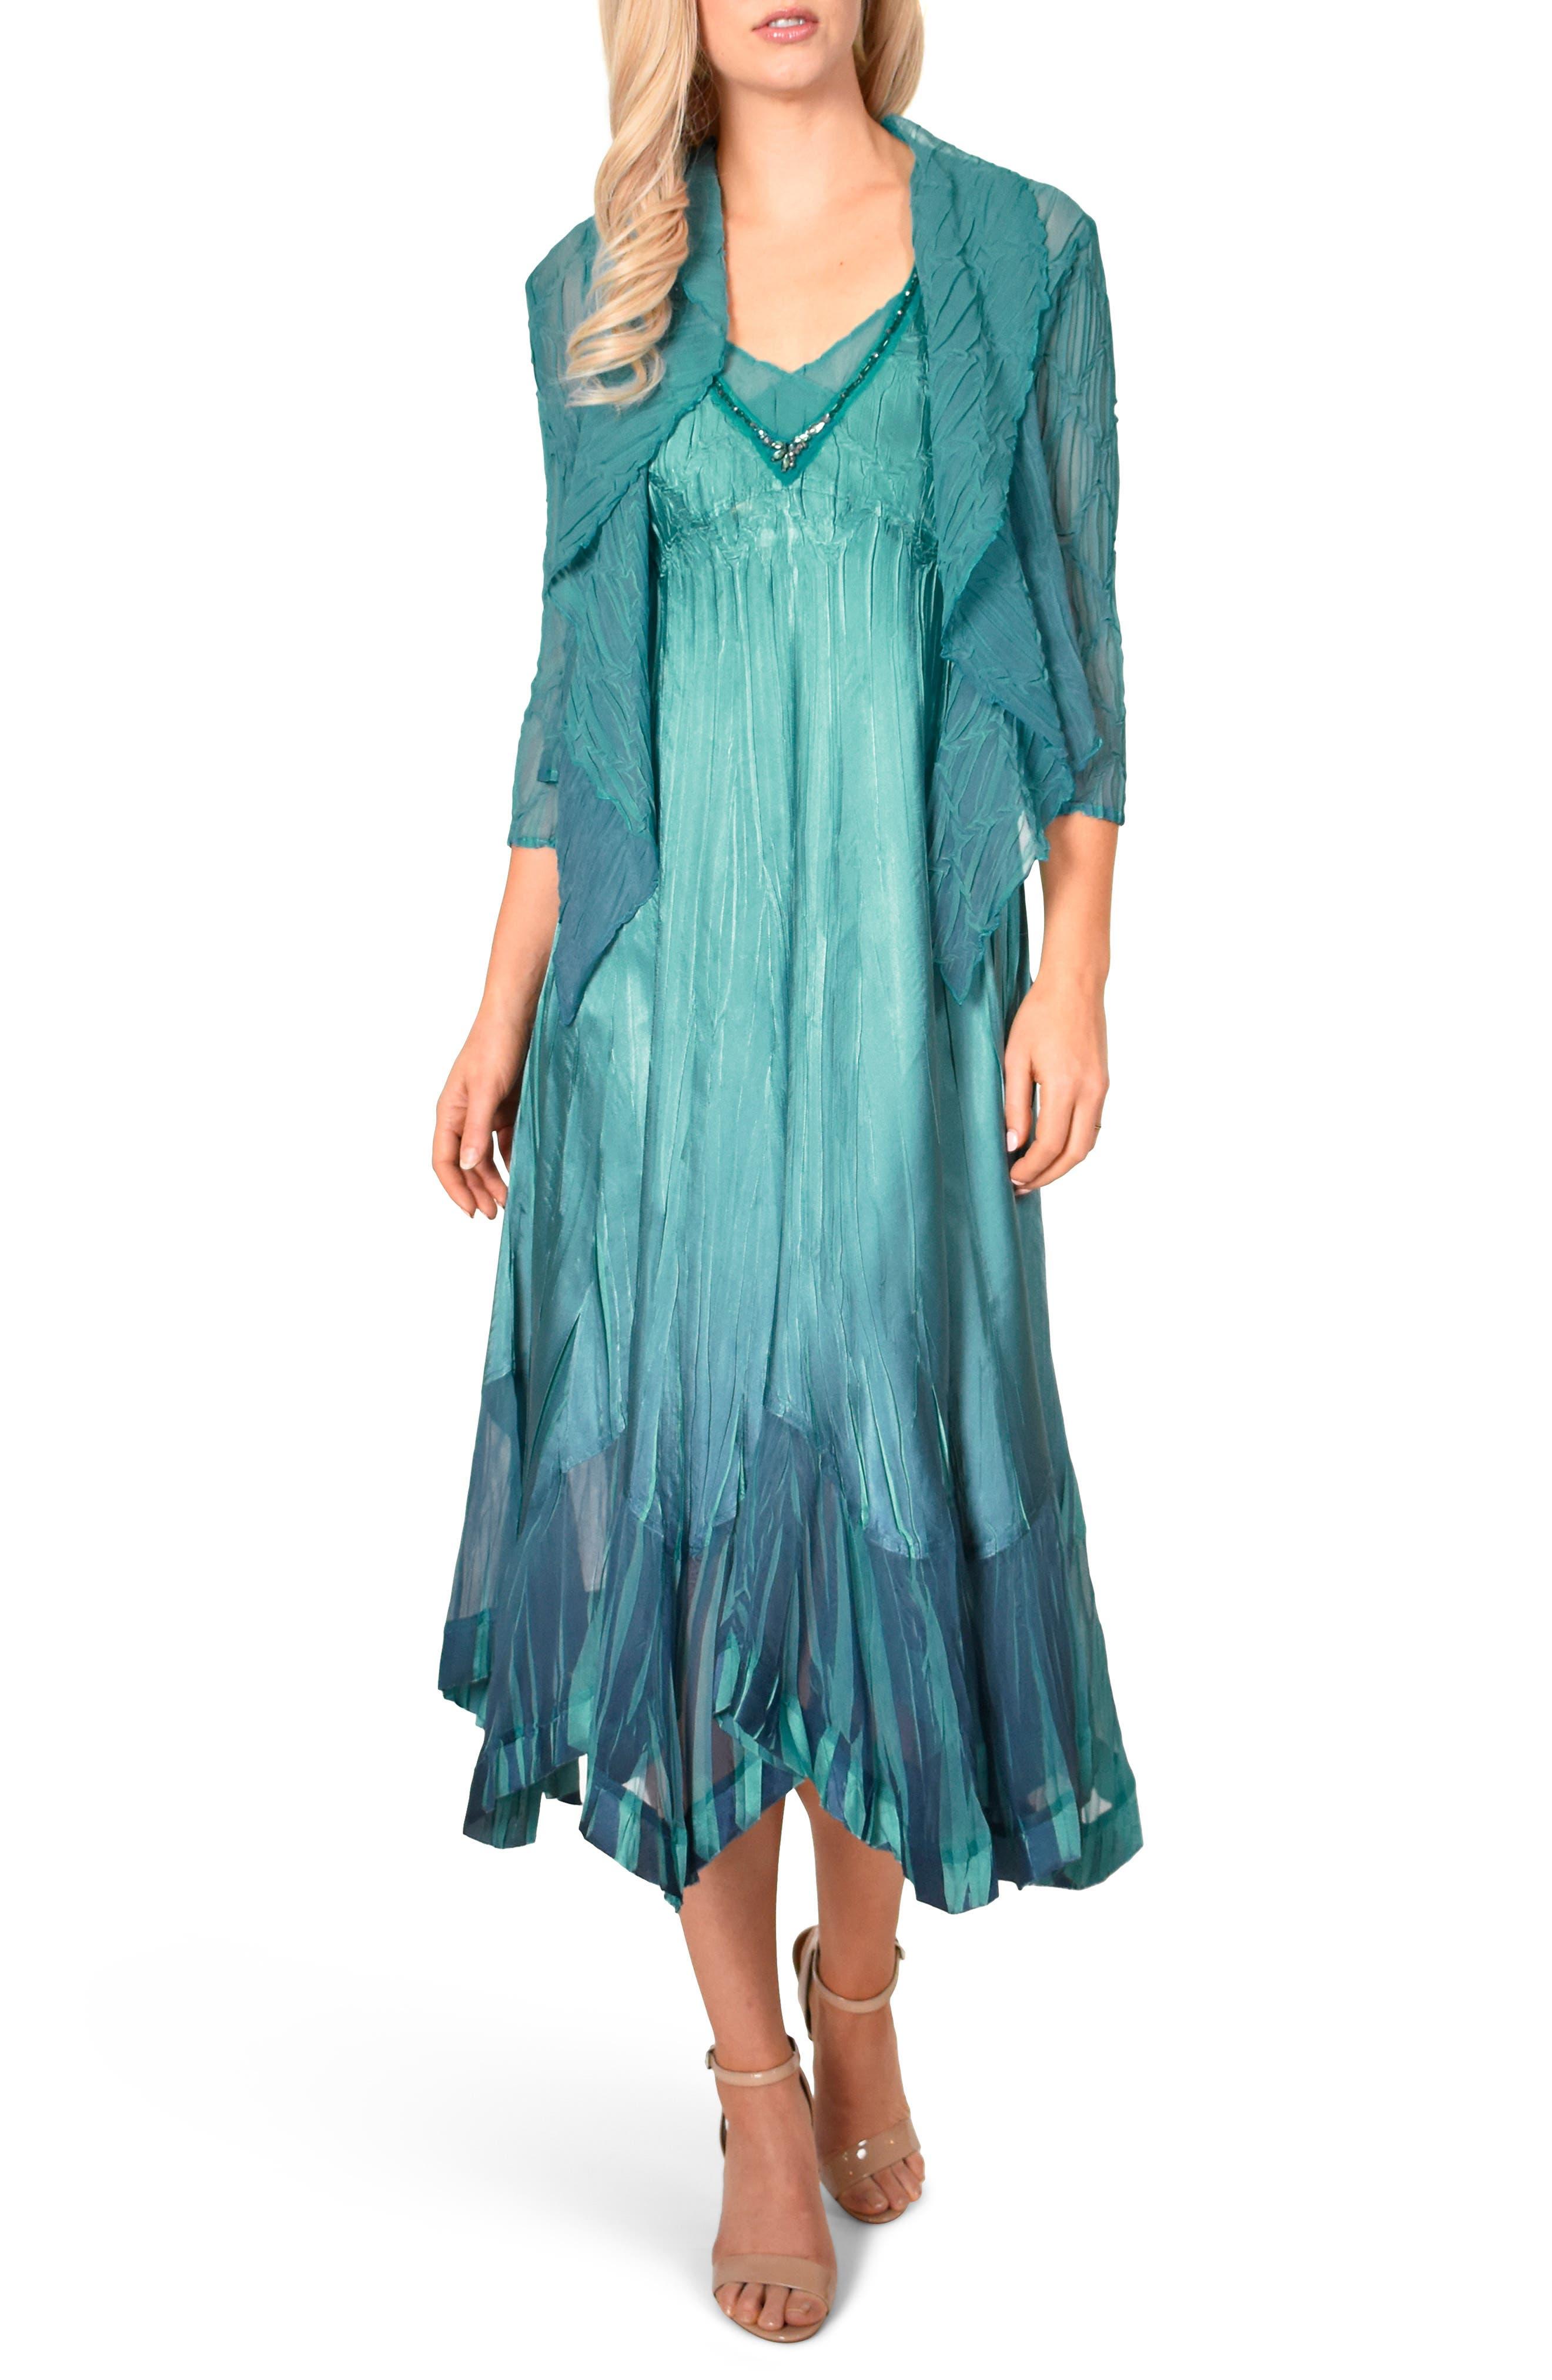 Vintage Cocktail Dresses, Party Dresses, Prom Dresses Womens Komarov Embellished Midi Dress With Jacket Size X-Large - Blue $448.00 AT vintagedancer.com